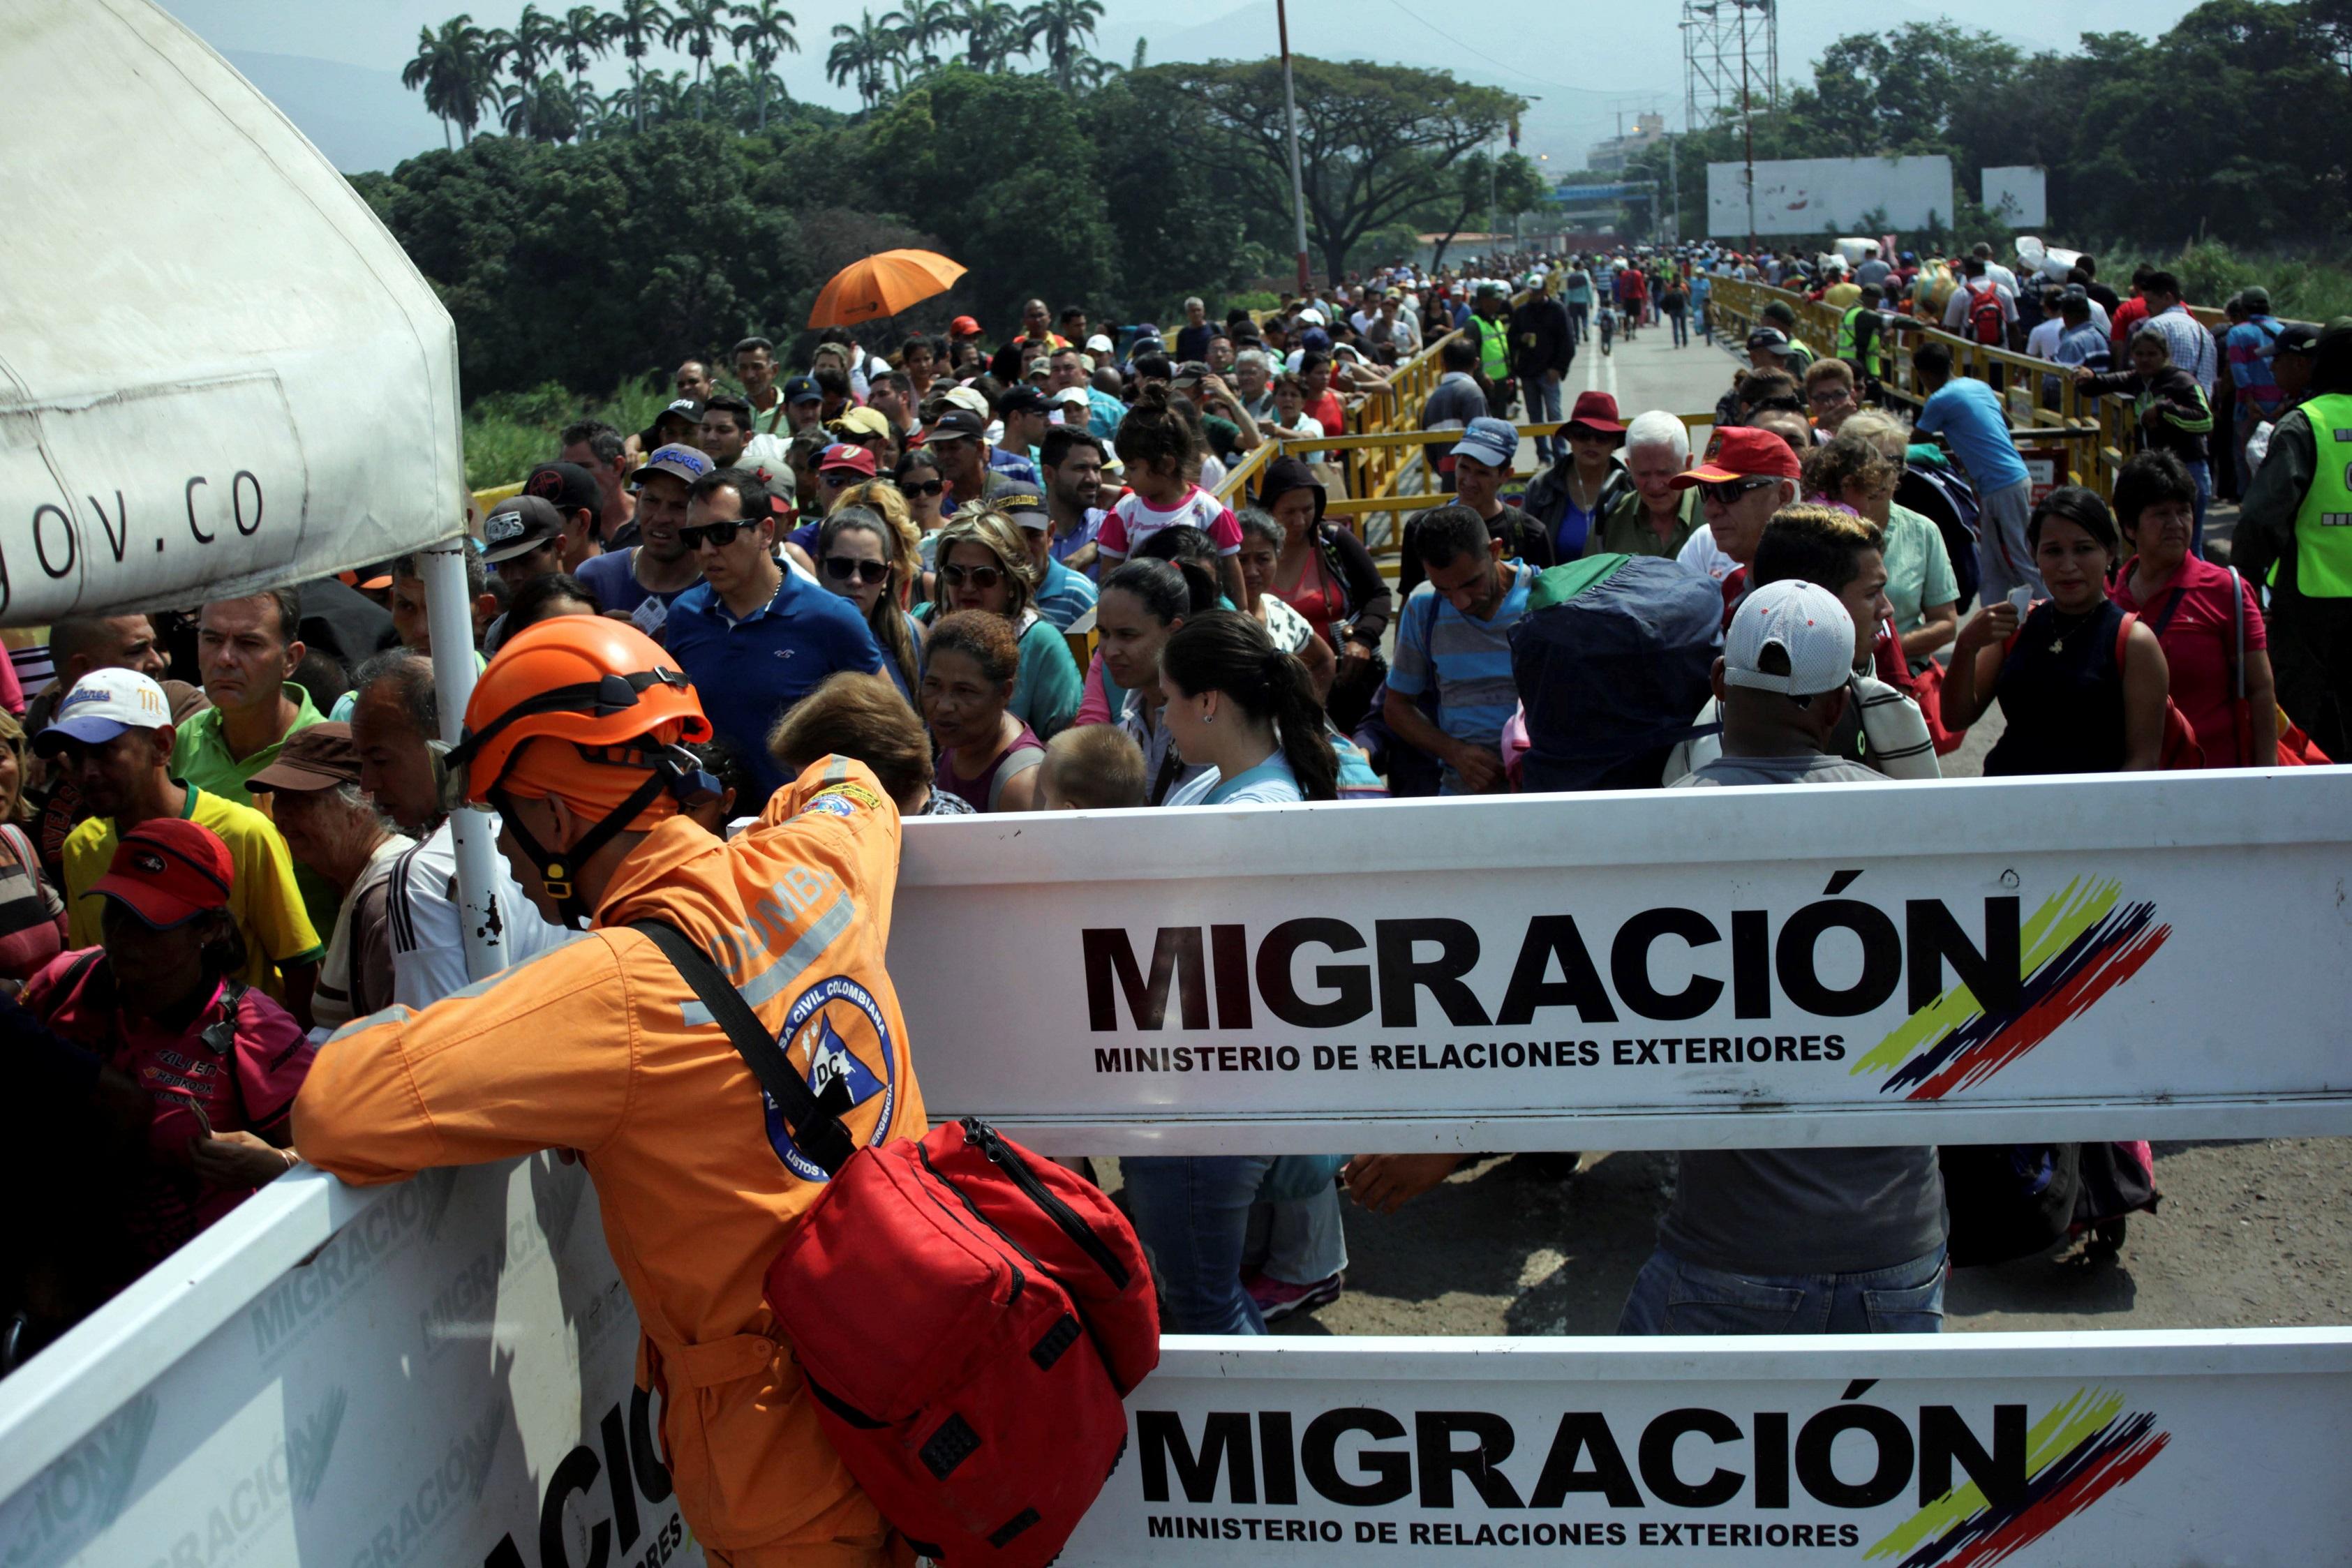 Тем временем венесуэльцы бегут в Колумбию по мосту Симона Боливара.